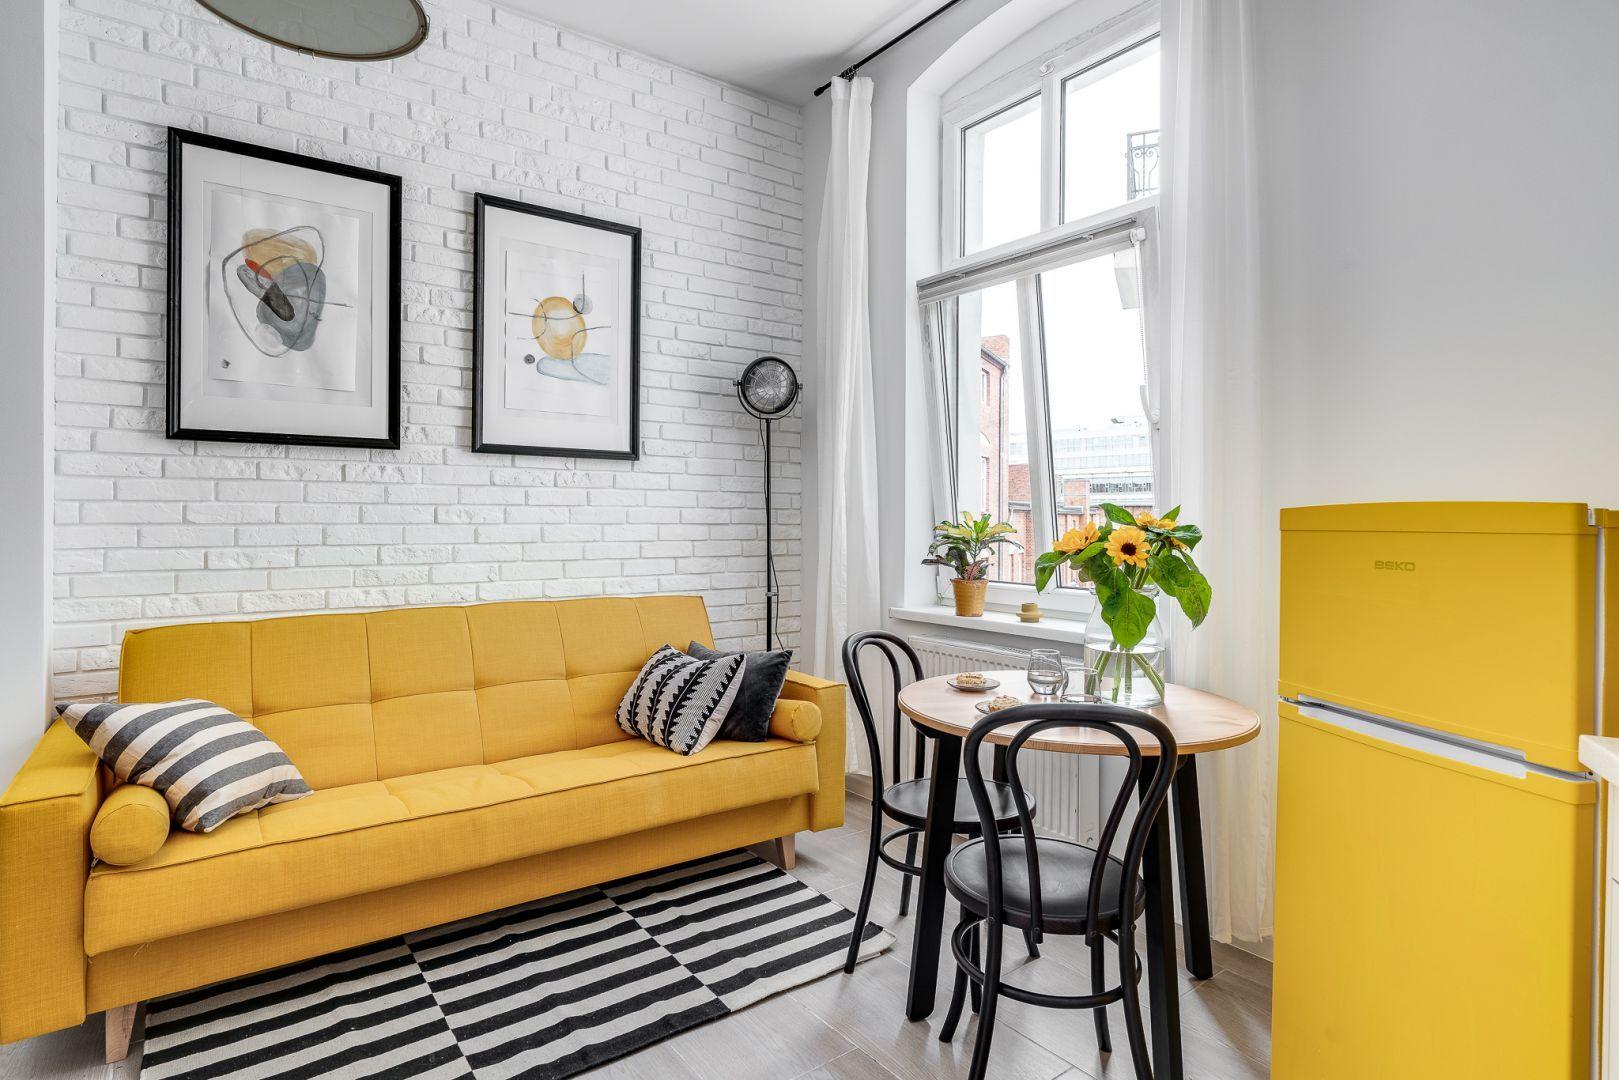 Biała cegła zdobi ścianę za kanapą w małym salonie. Projekt: Ewelina Matyjasik-Lewandowska. Fot. Piotr Wujtko